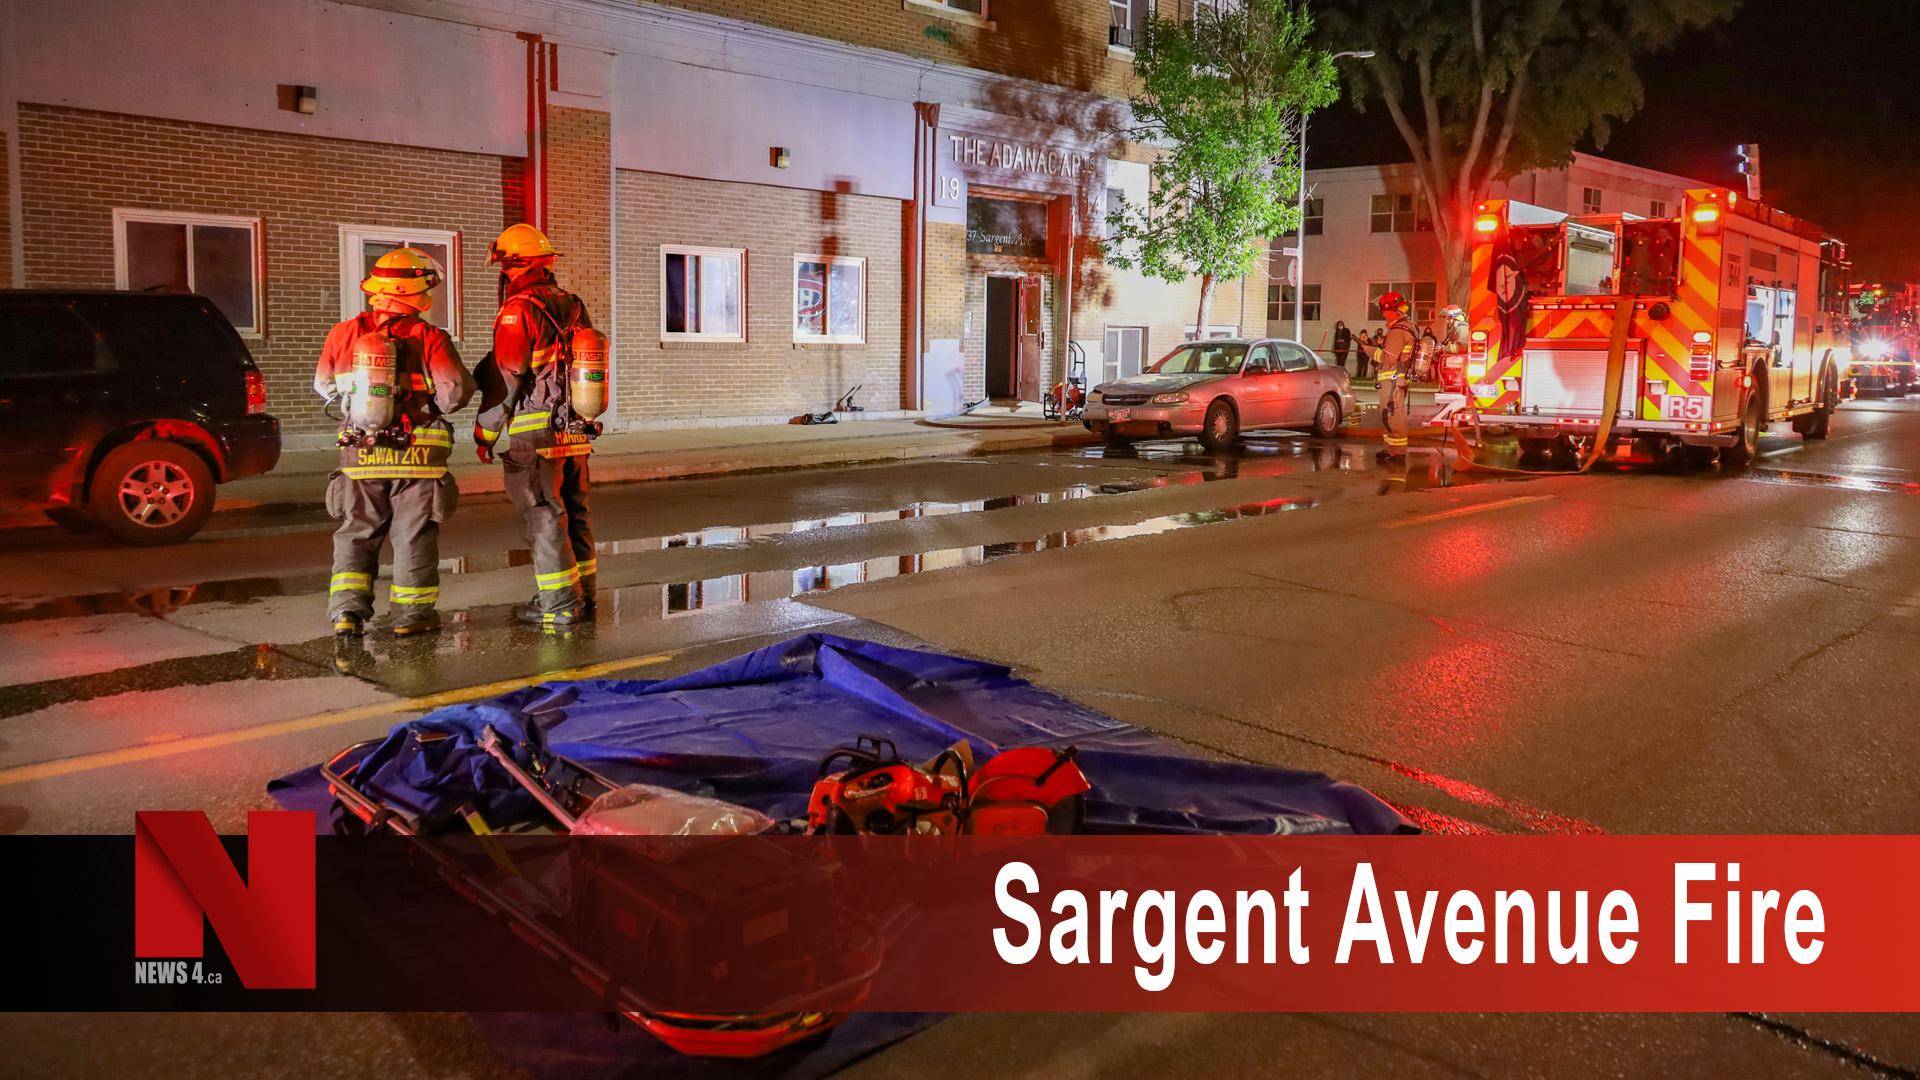 Sargent Avenue Fire